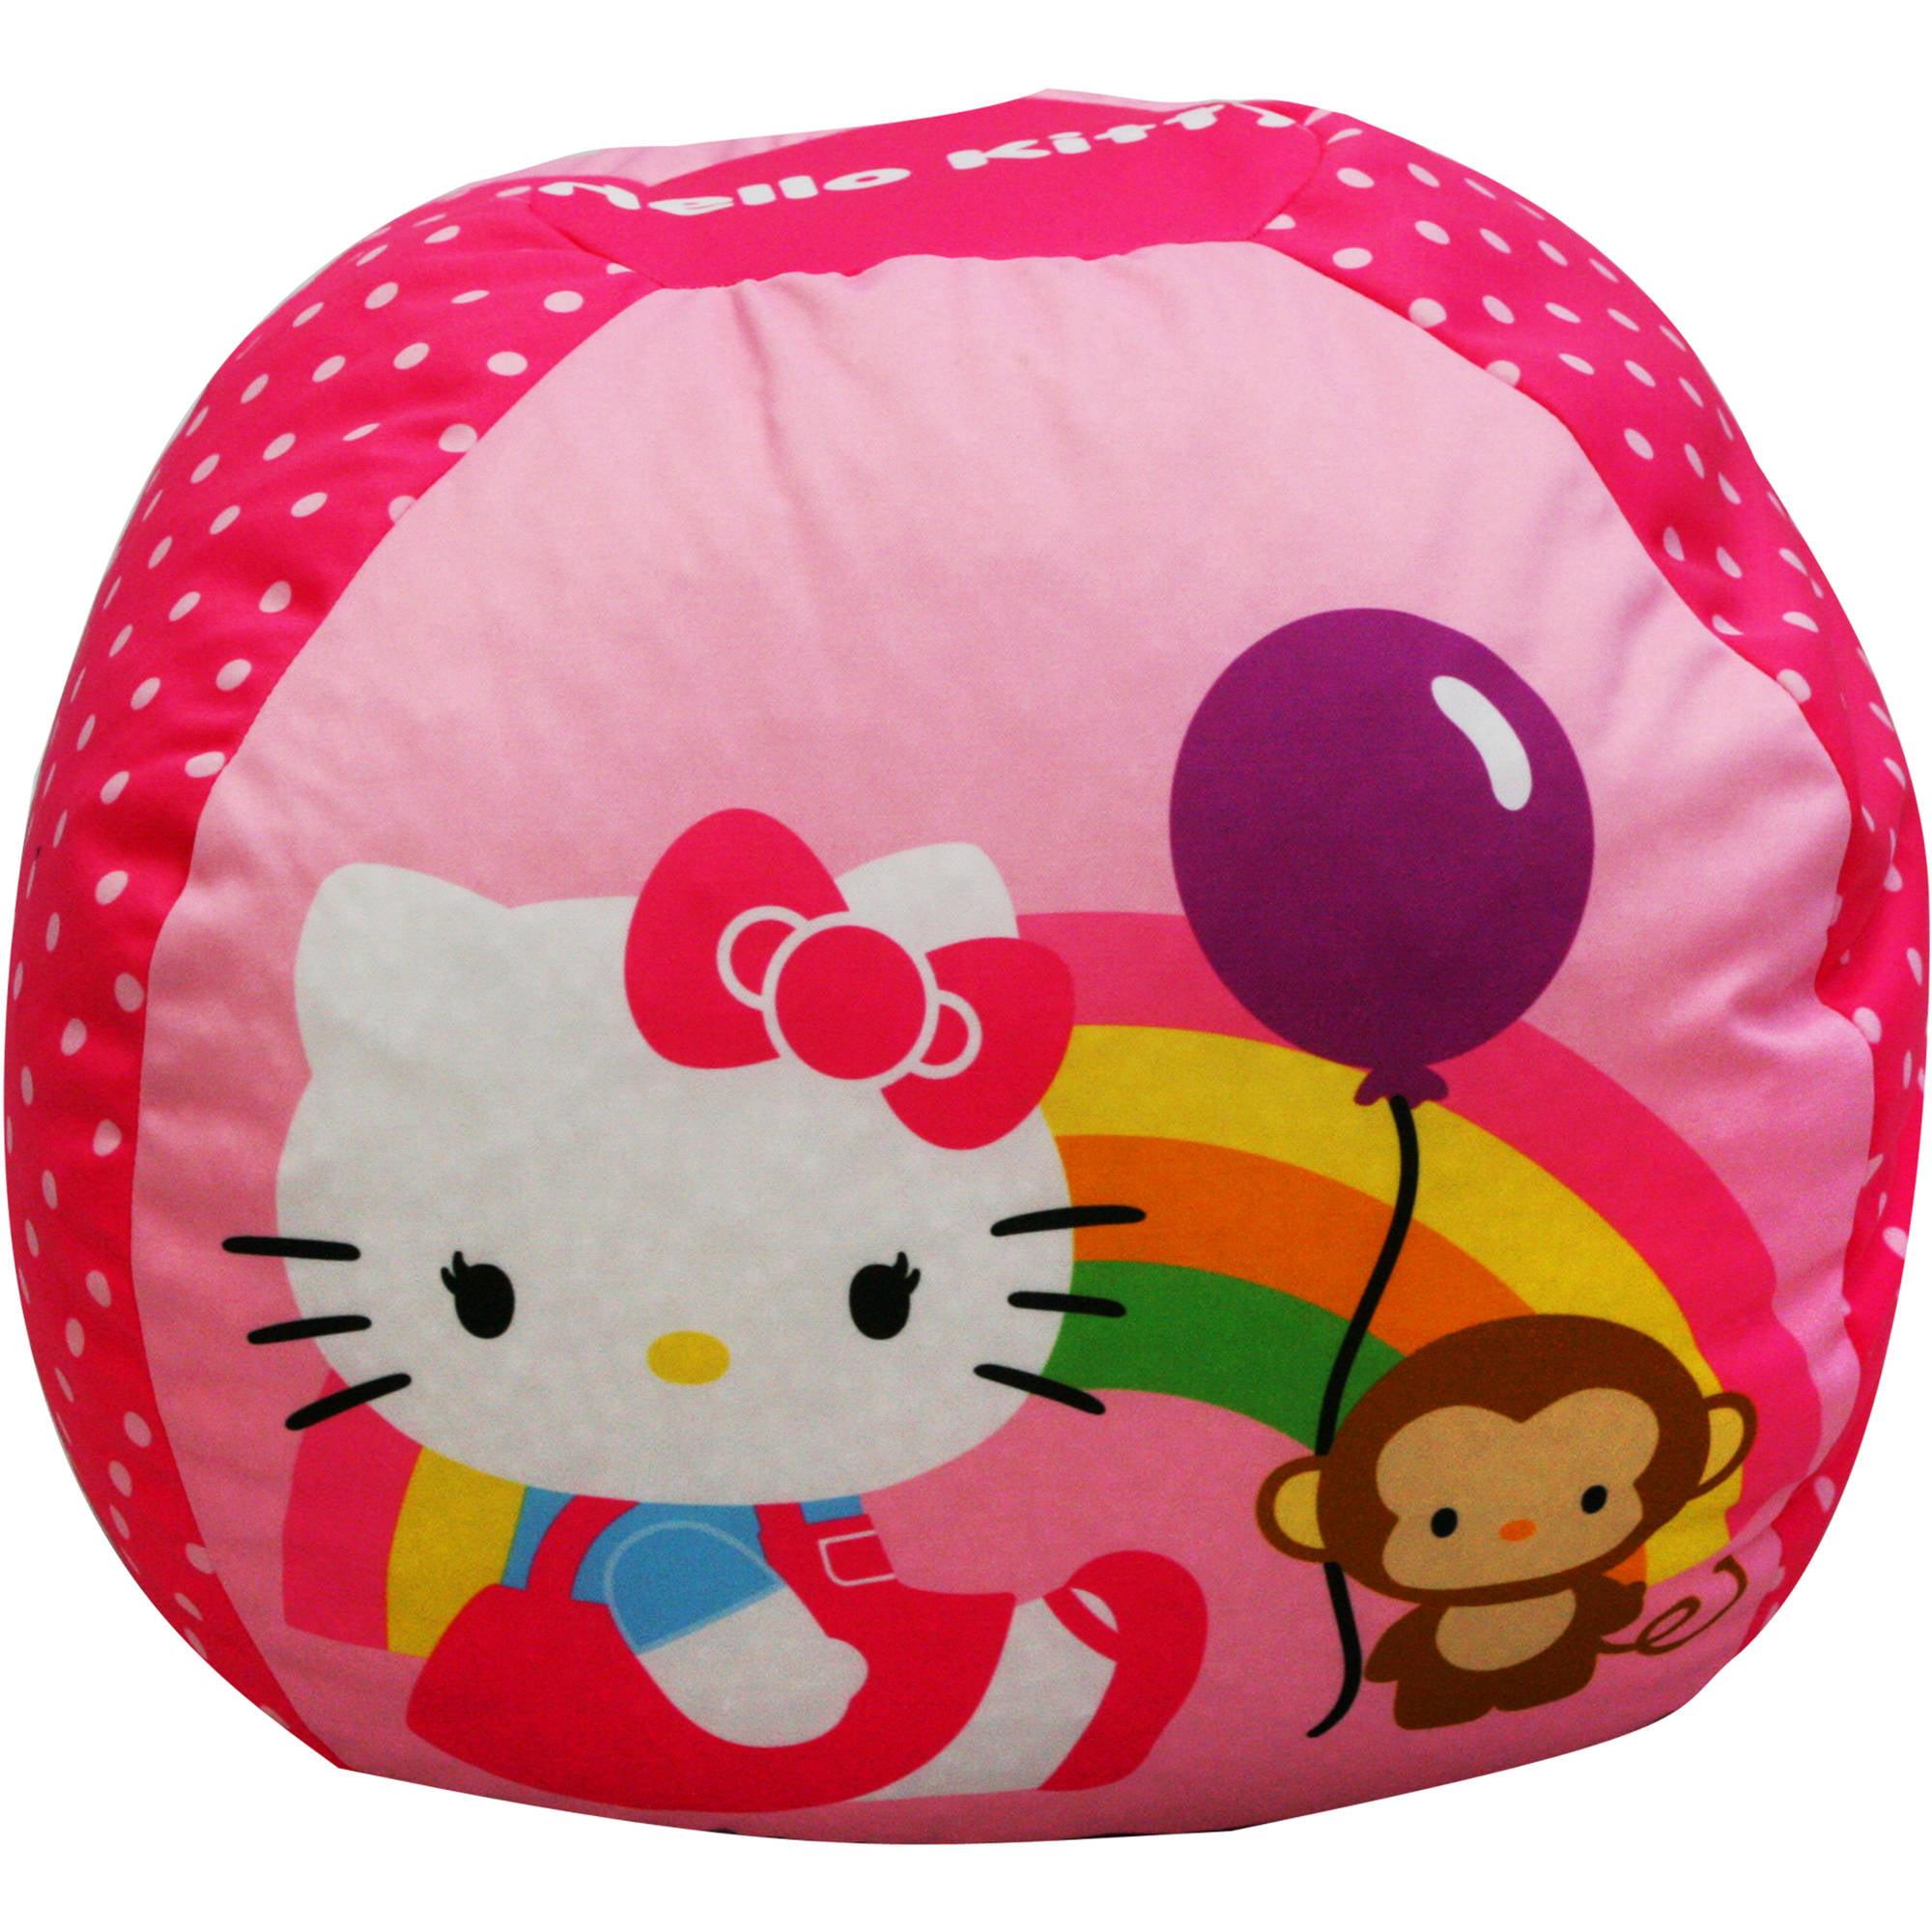 Hello Kitty Balloon Bean Bag Walmartcom